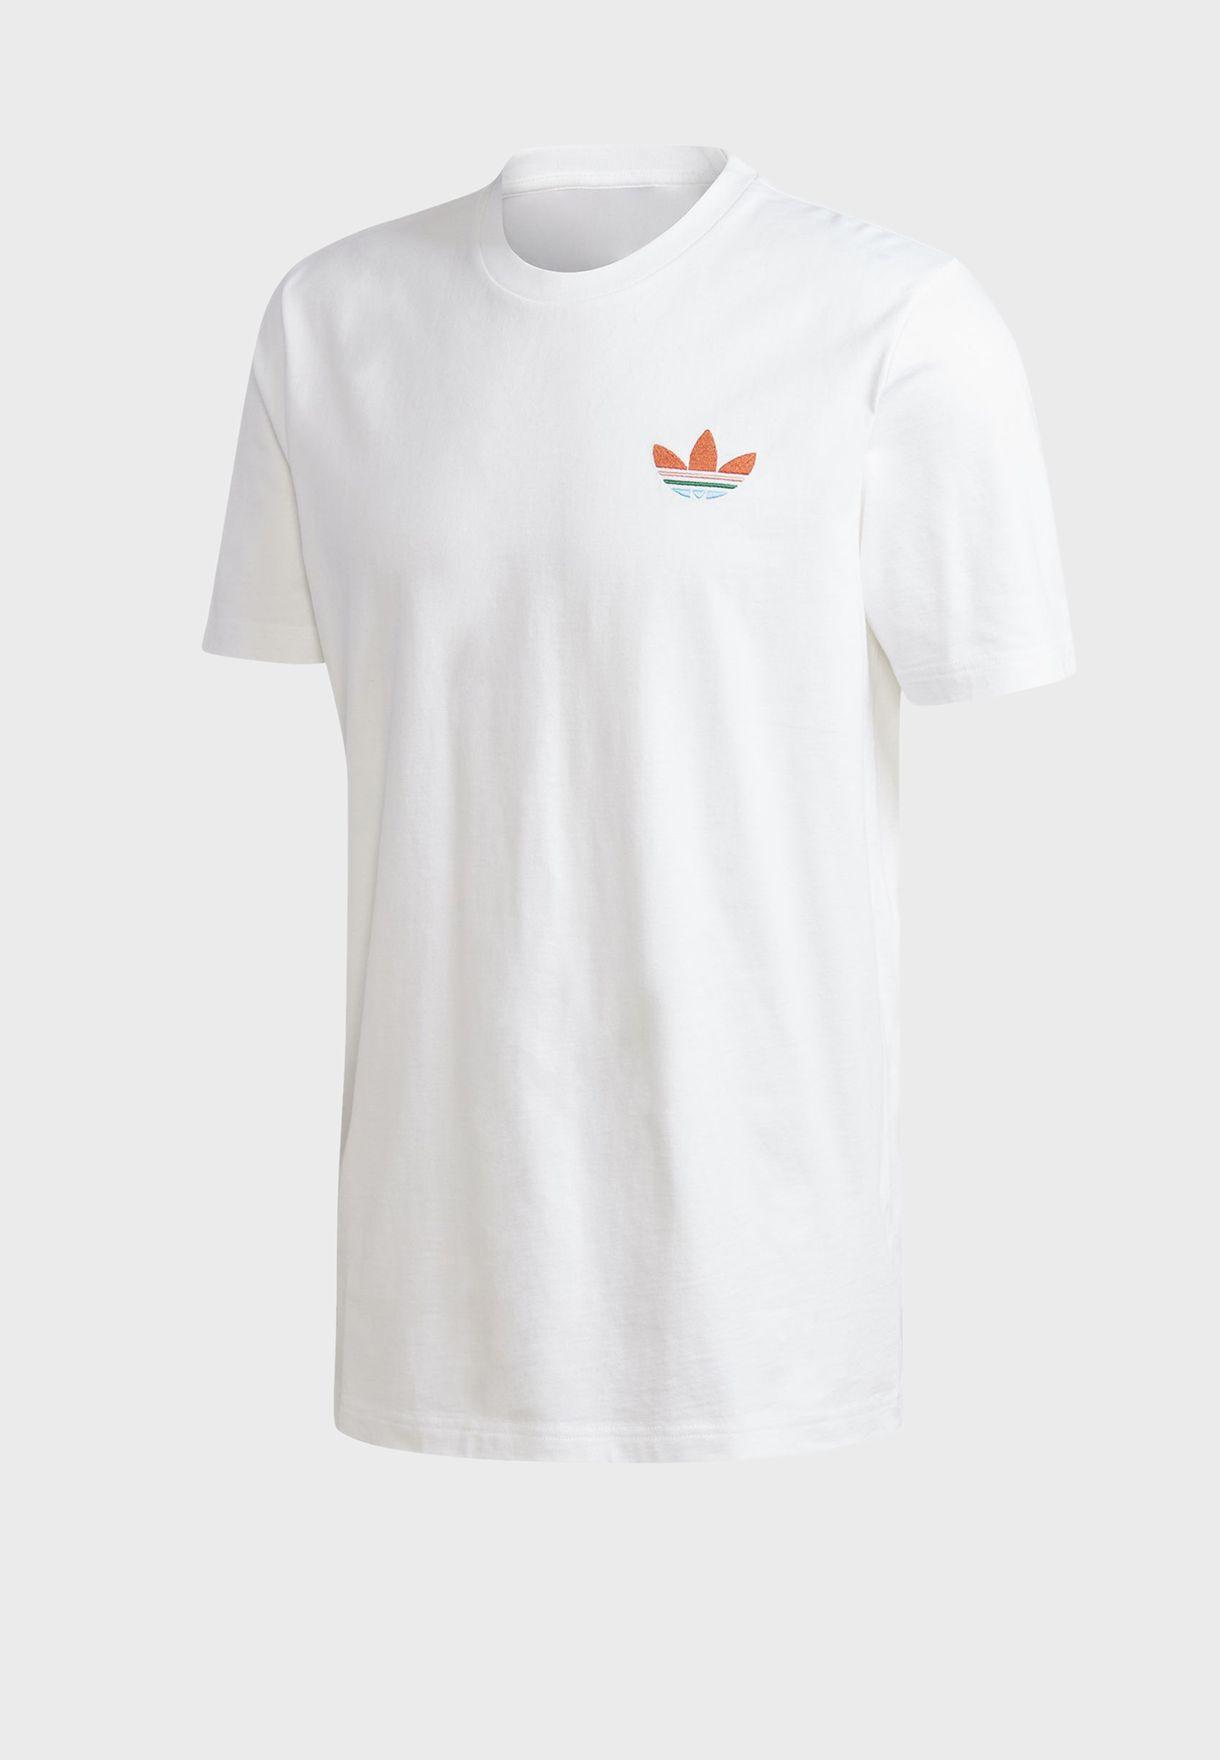 Change Is A Team Sport T-Shirt